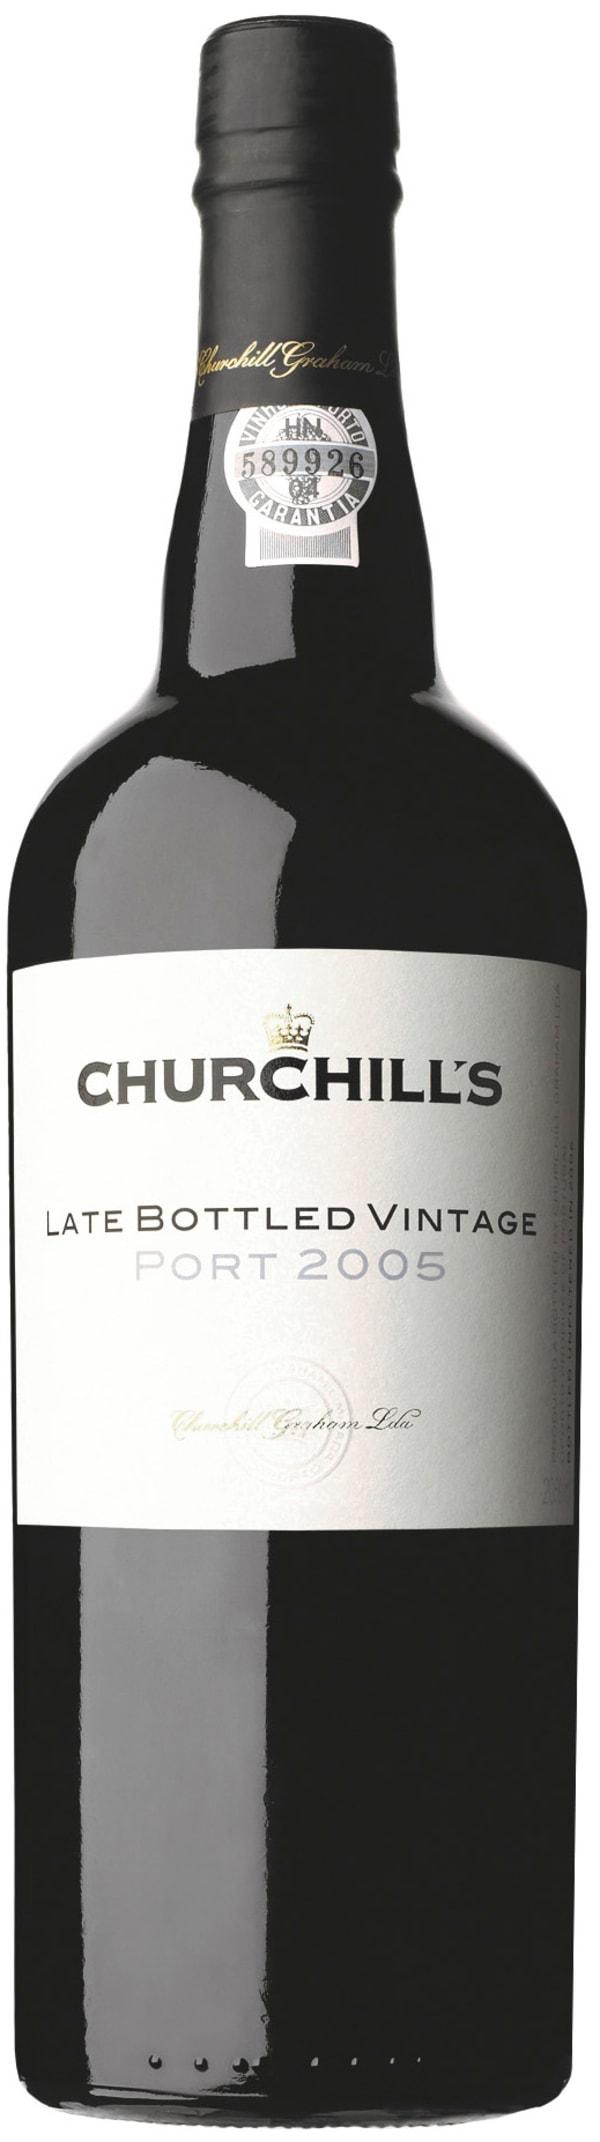 Churchill's Late Bottle Vintage Port 2005